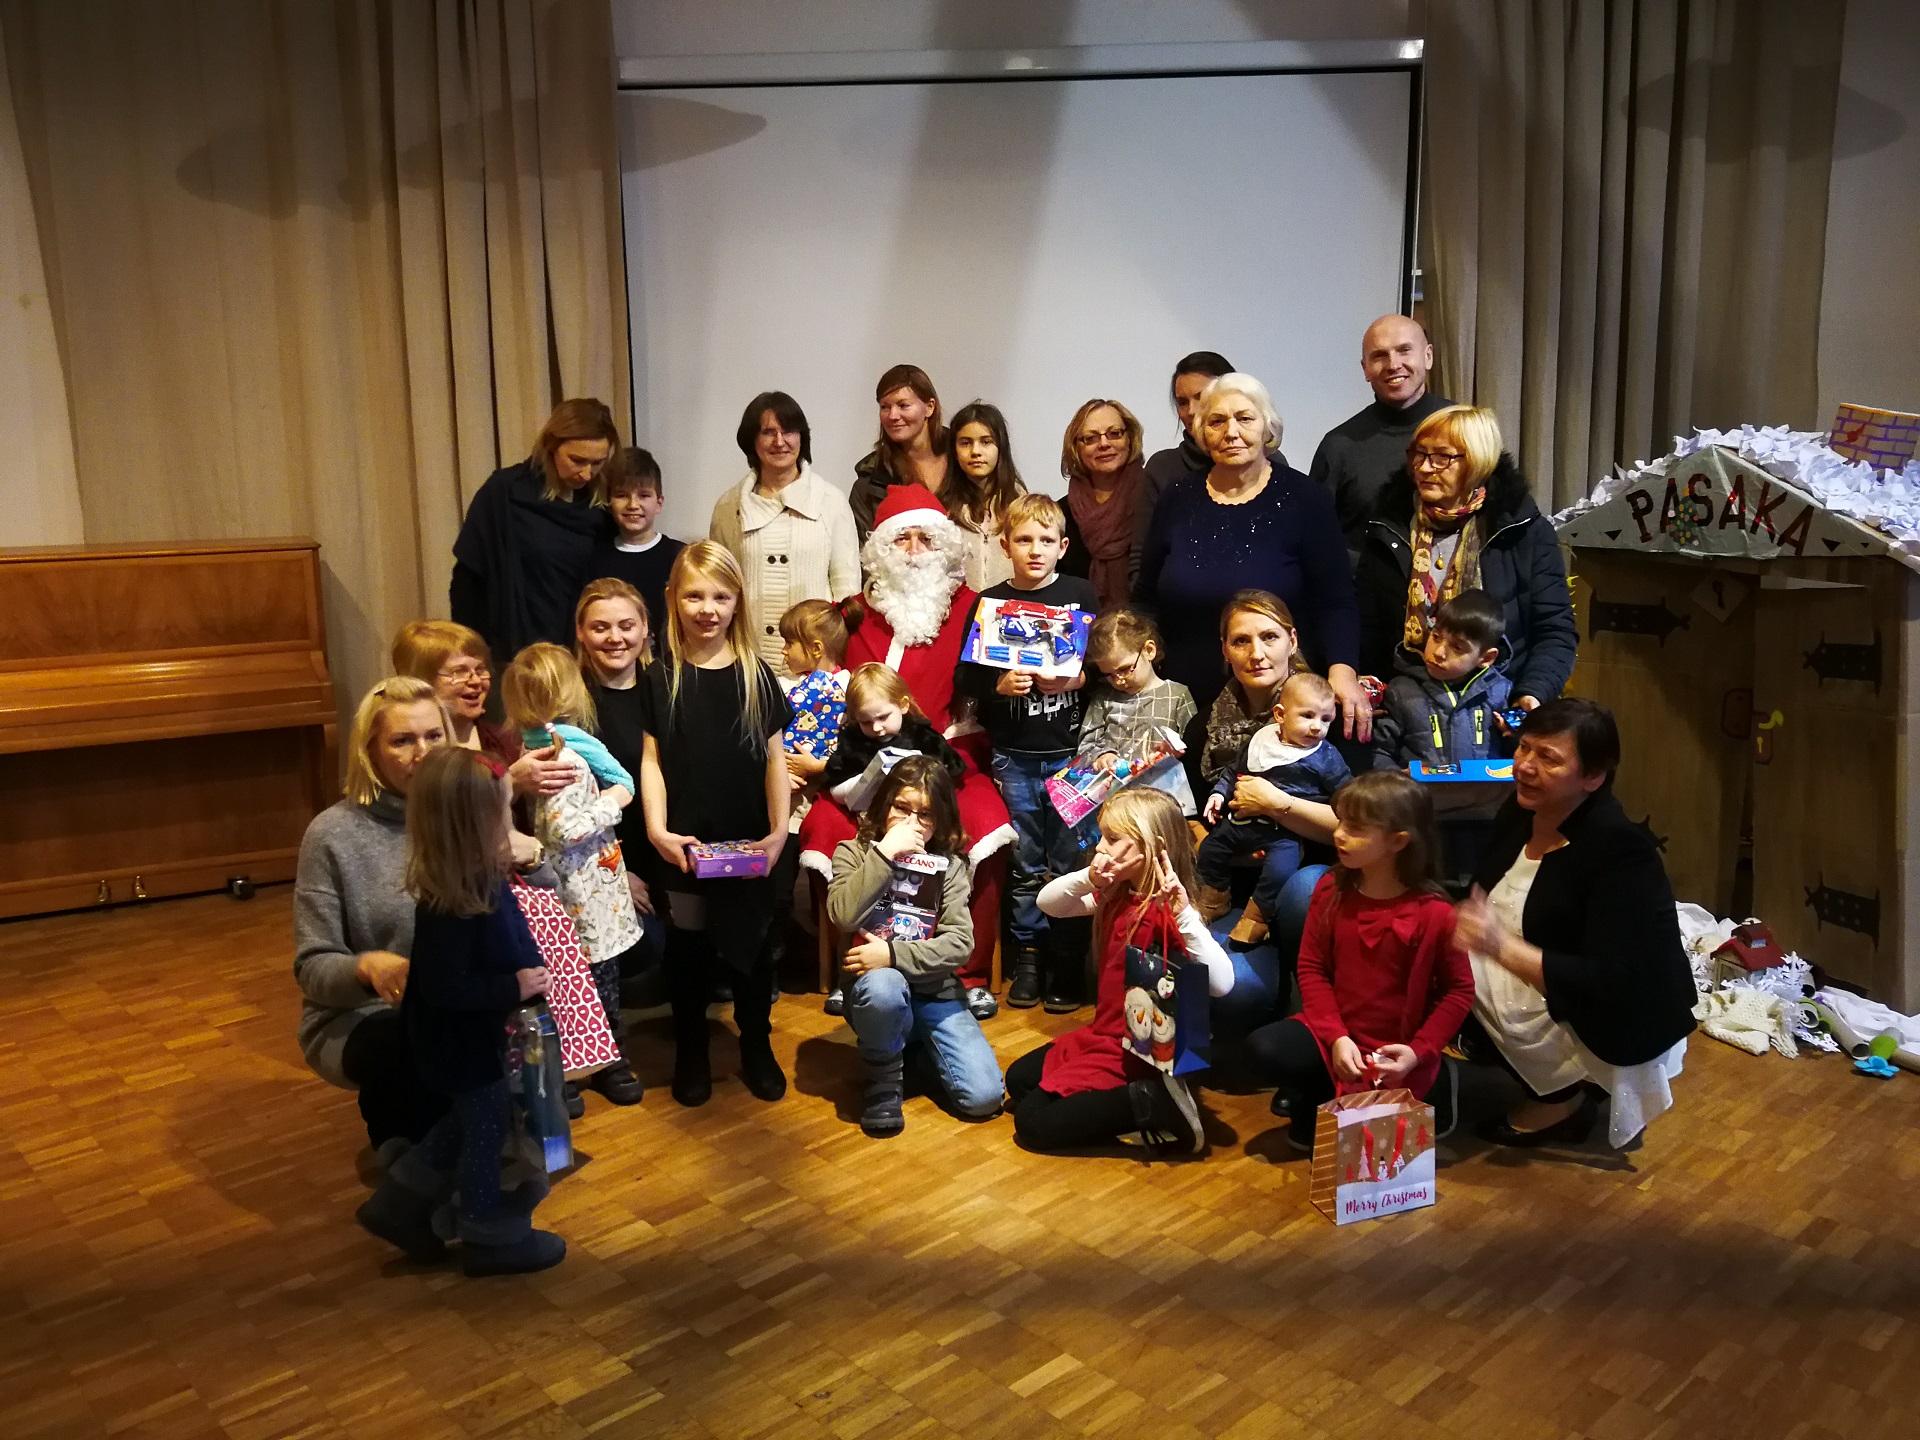 Weihnachtsmann besucht die kleinen Akademiker, 2017